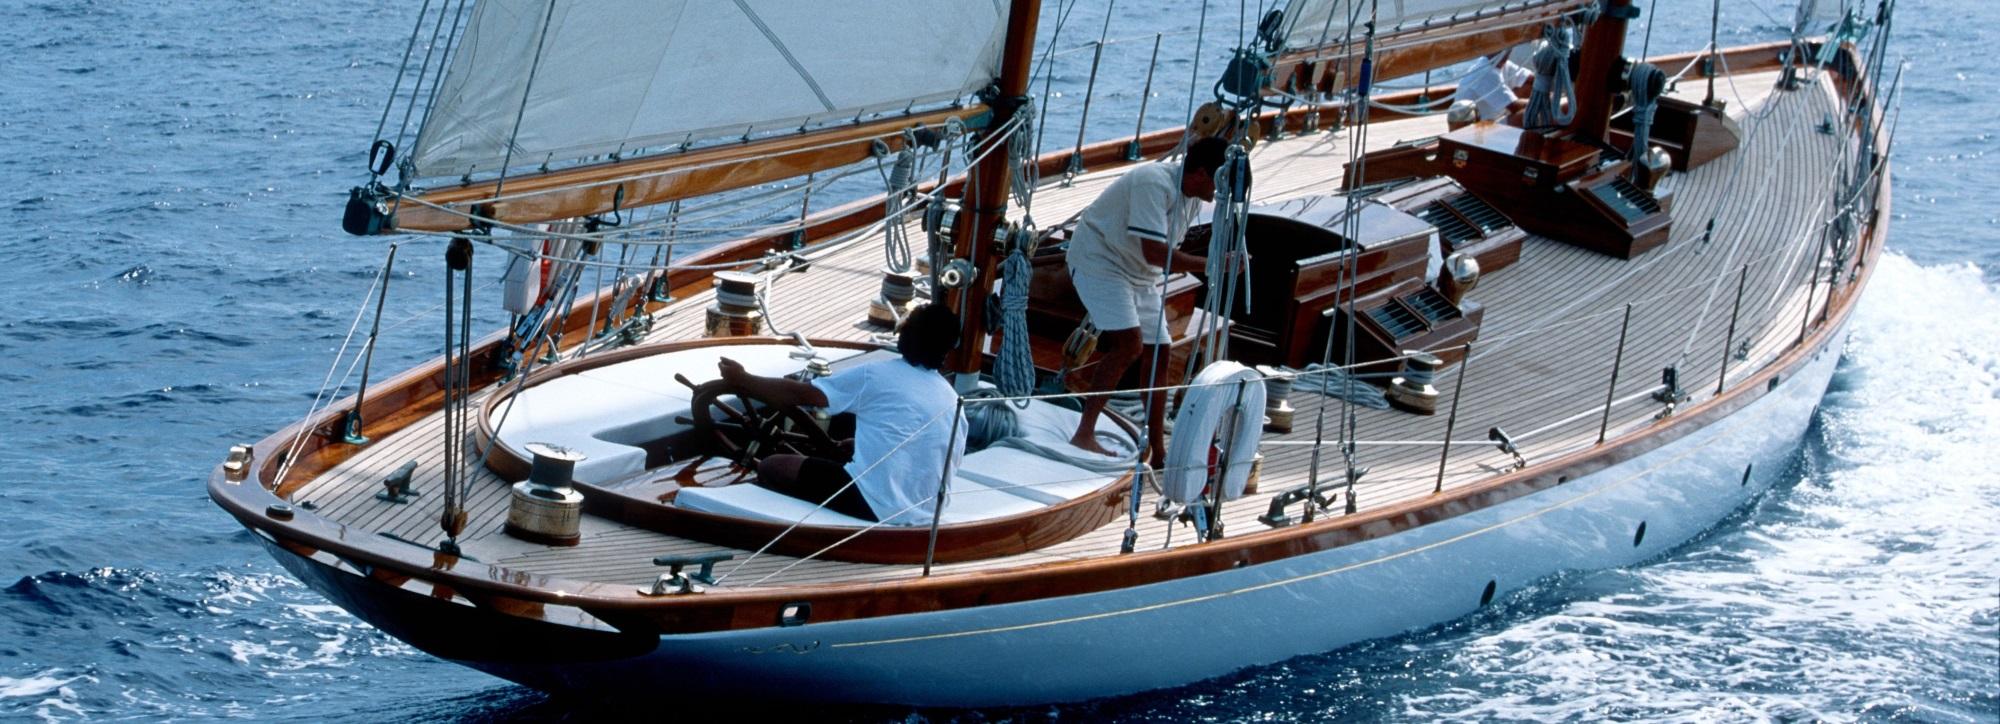 jachtmakelaardij lemmer nautic